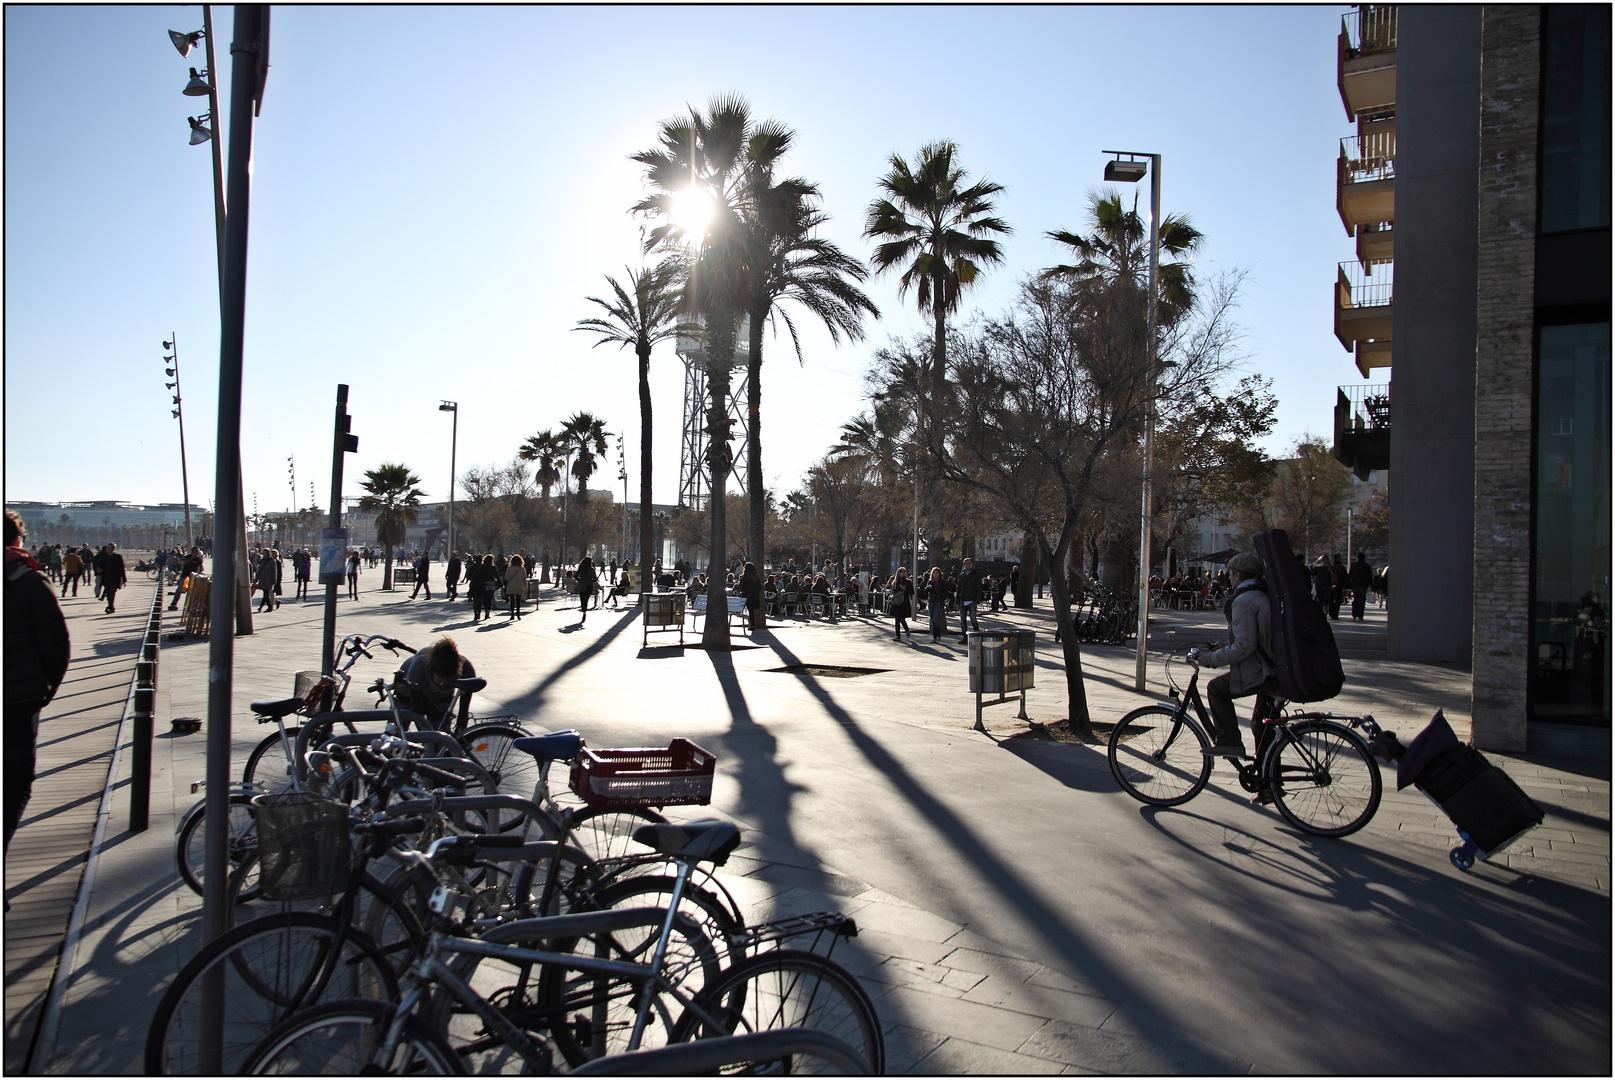 Barcelona, Boulevard, December 2013